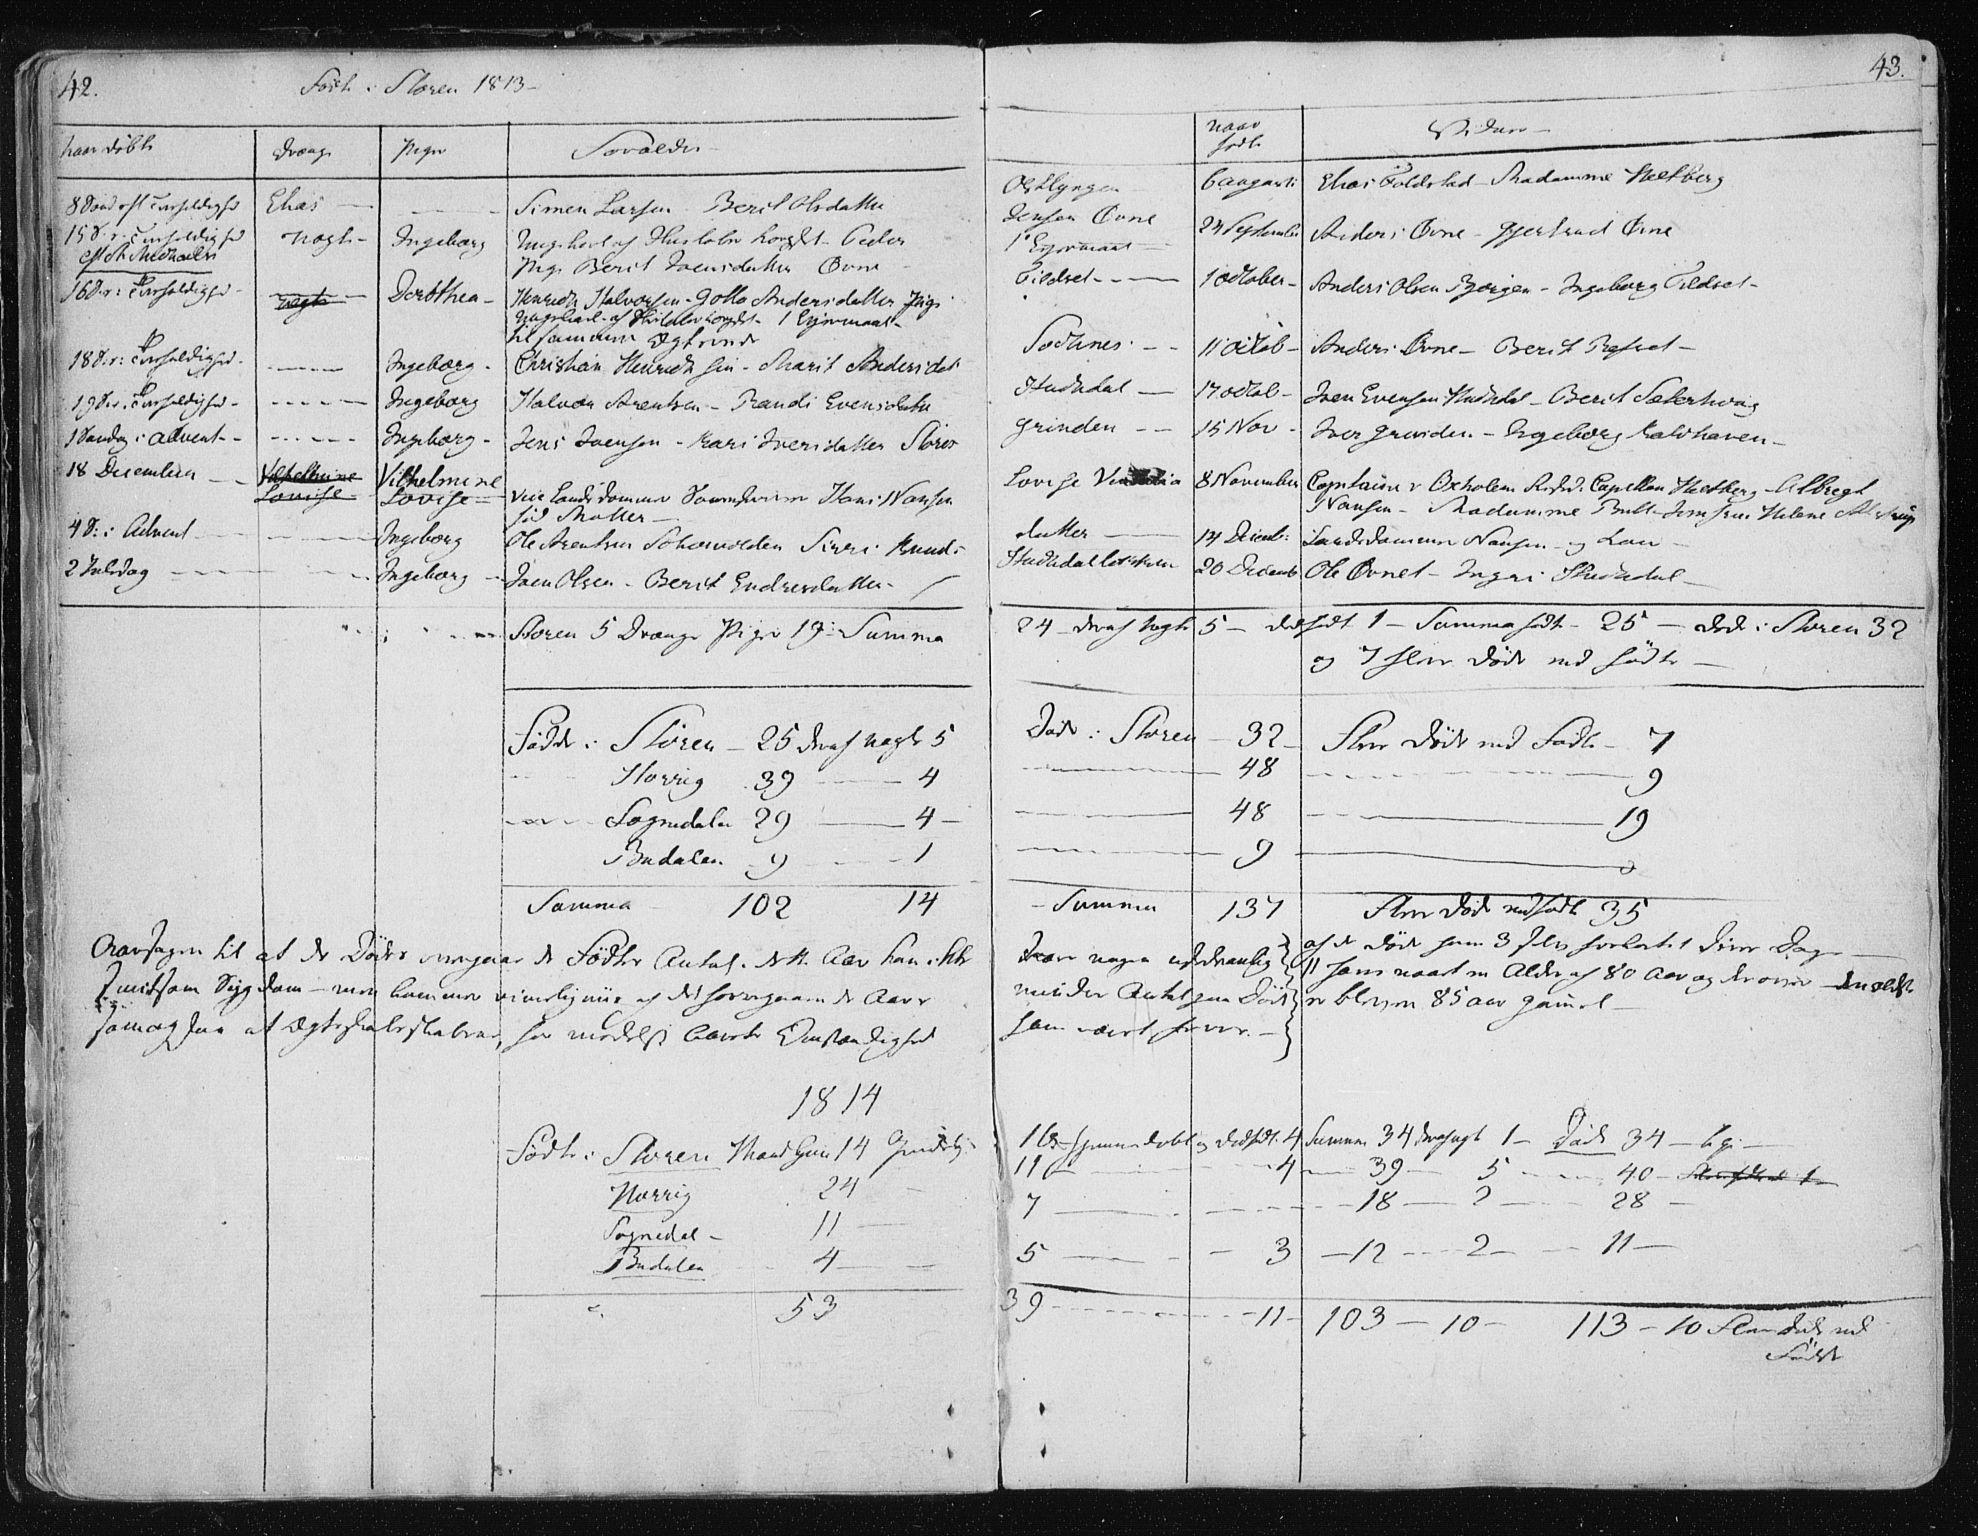 SAT, Ministerialprotokoller, klokkerbøker og fødselsregistre - Sør-Trøndelag, 687/L0992: Ministerialbok nr. 687A03 /1, 1788-1815, s. 42-43